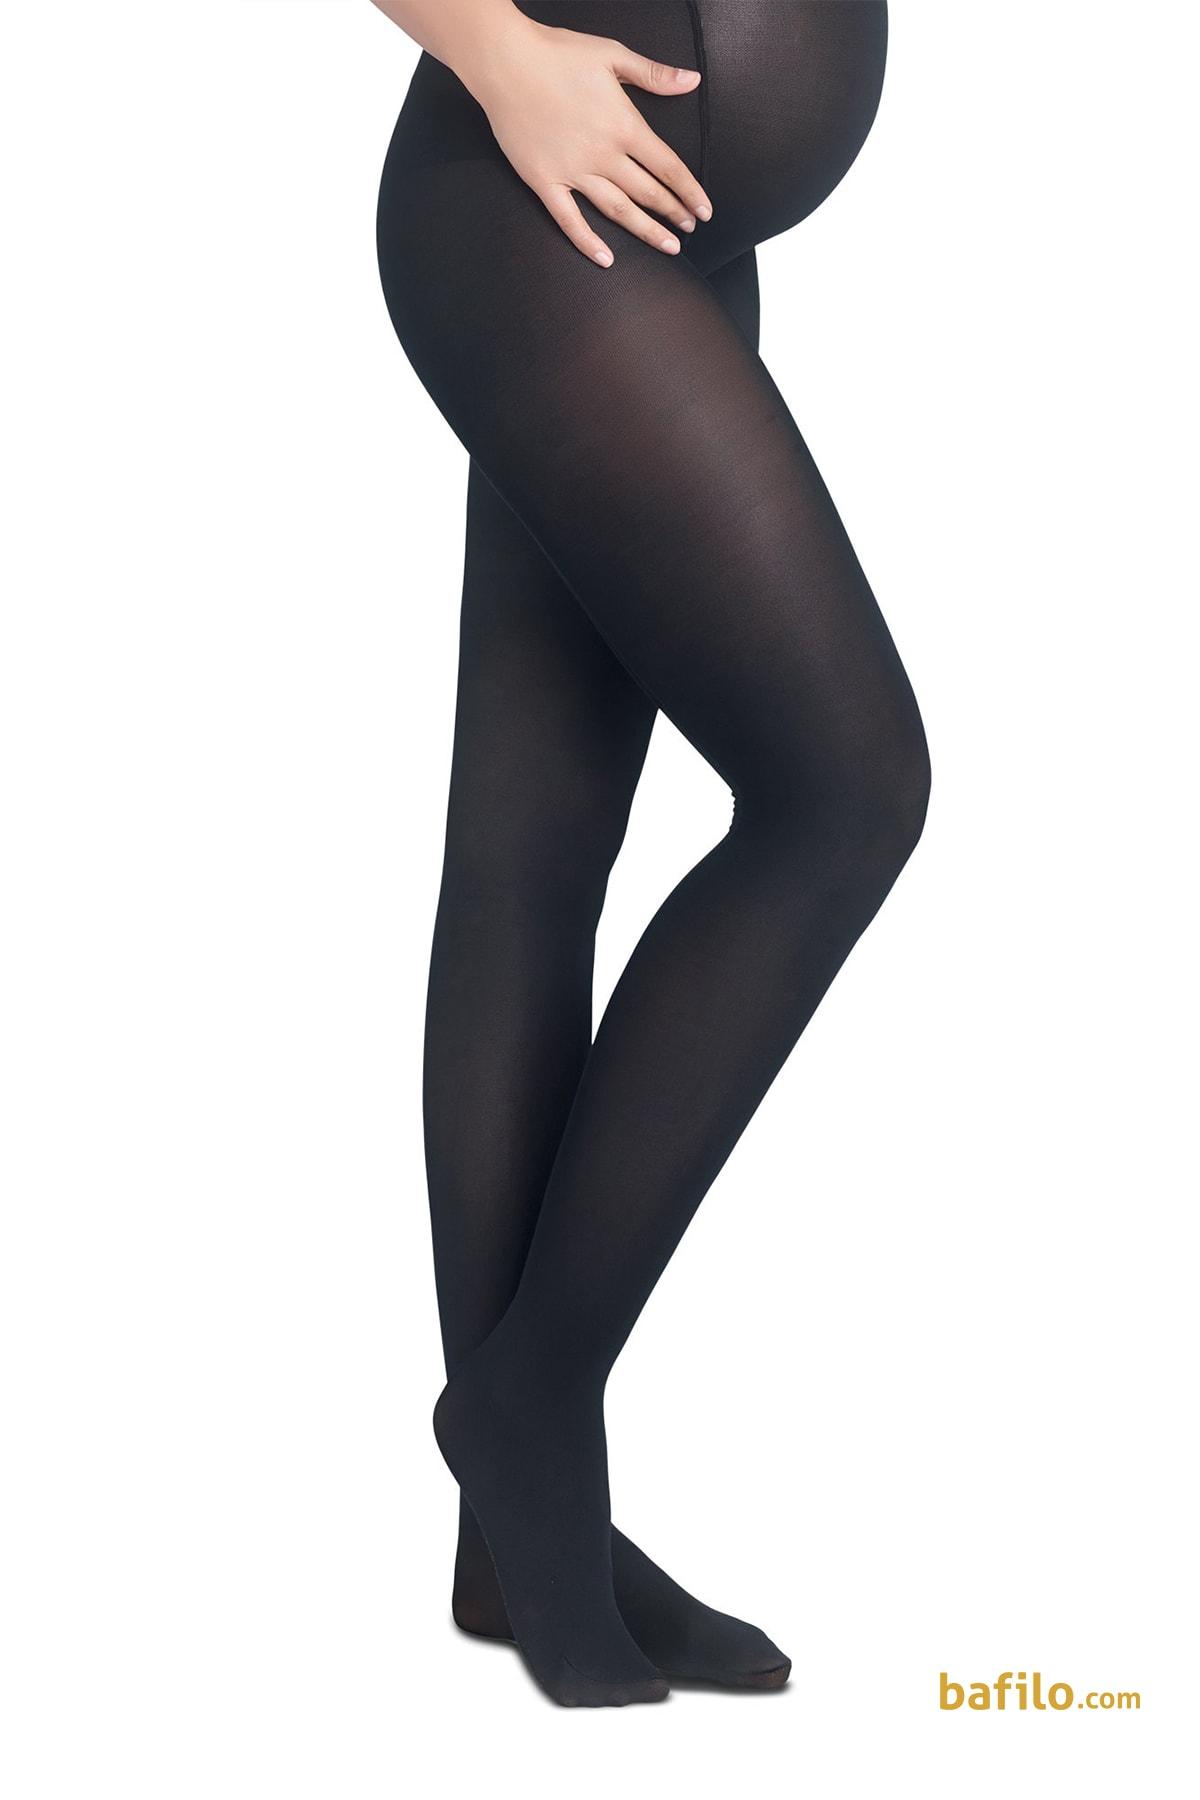 پنتی | Penti - جوراب شلواری ضخیم بارداری پنتی  Hamile çorabı 40 مشکی